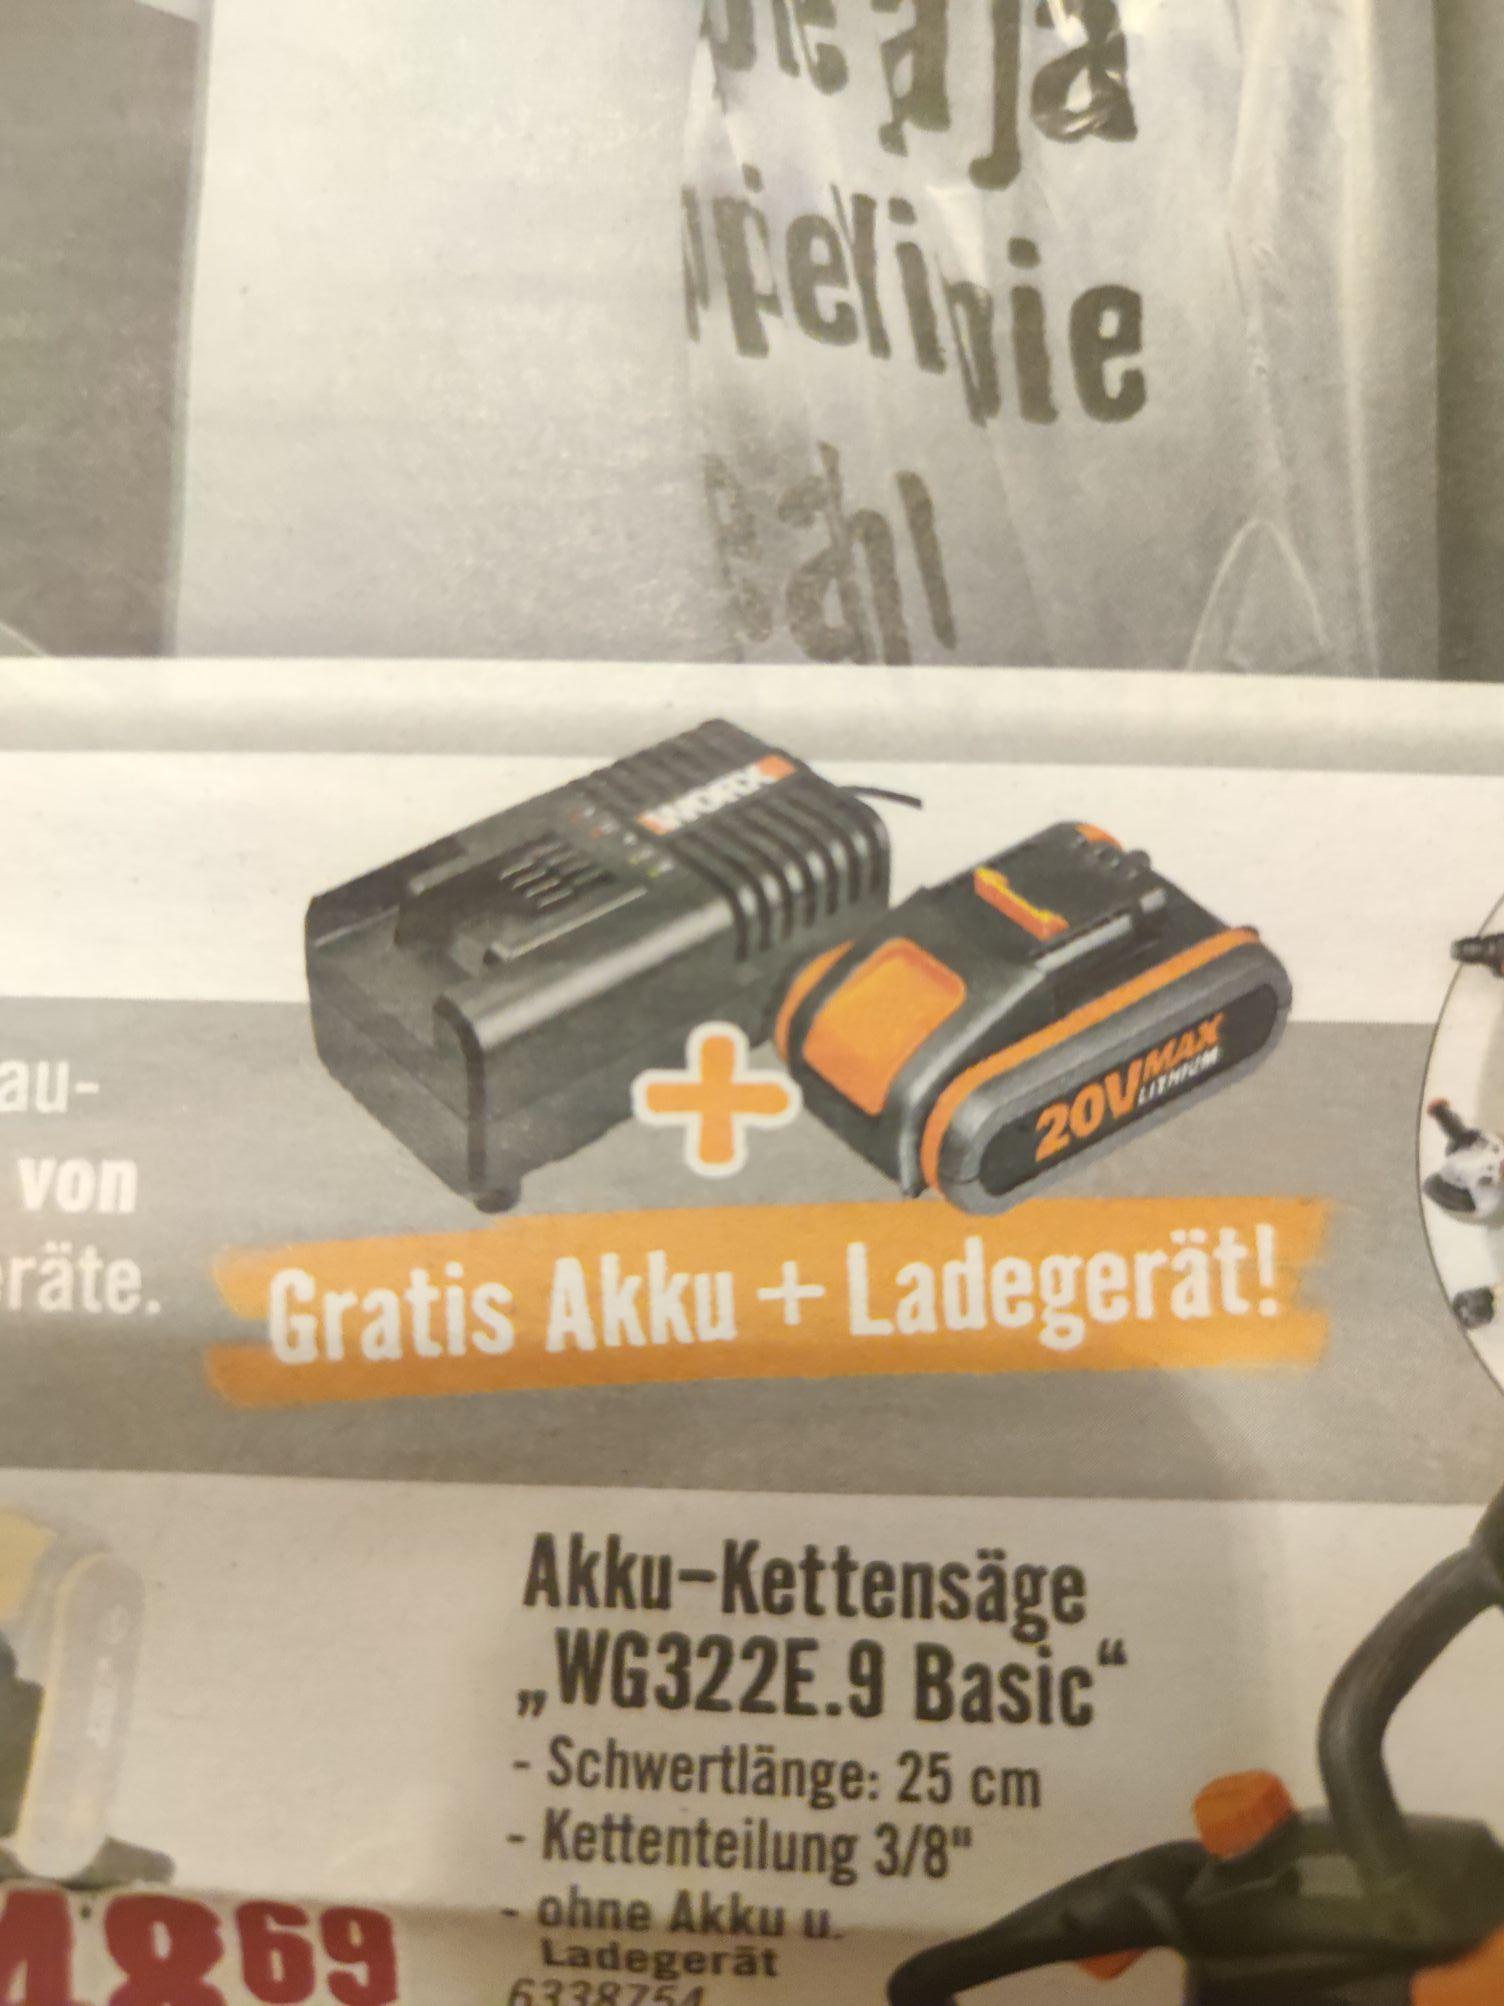 Worx Ladegerät WA3860 + Akku WA355 2Ah, beim Kauf von einem Gerät geschenkt